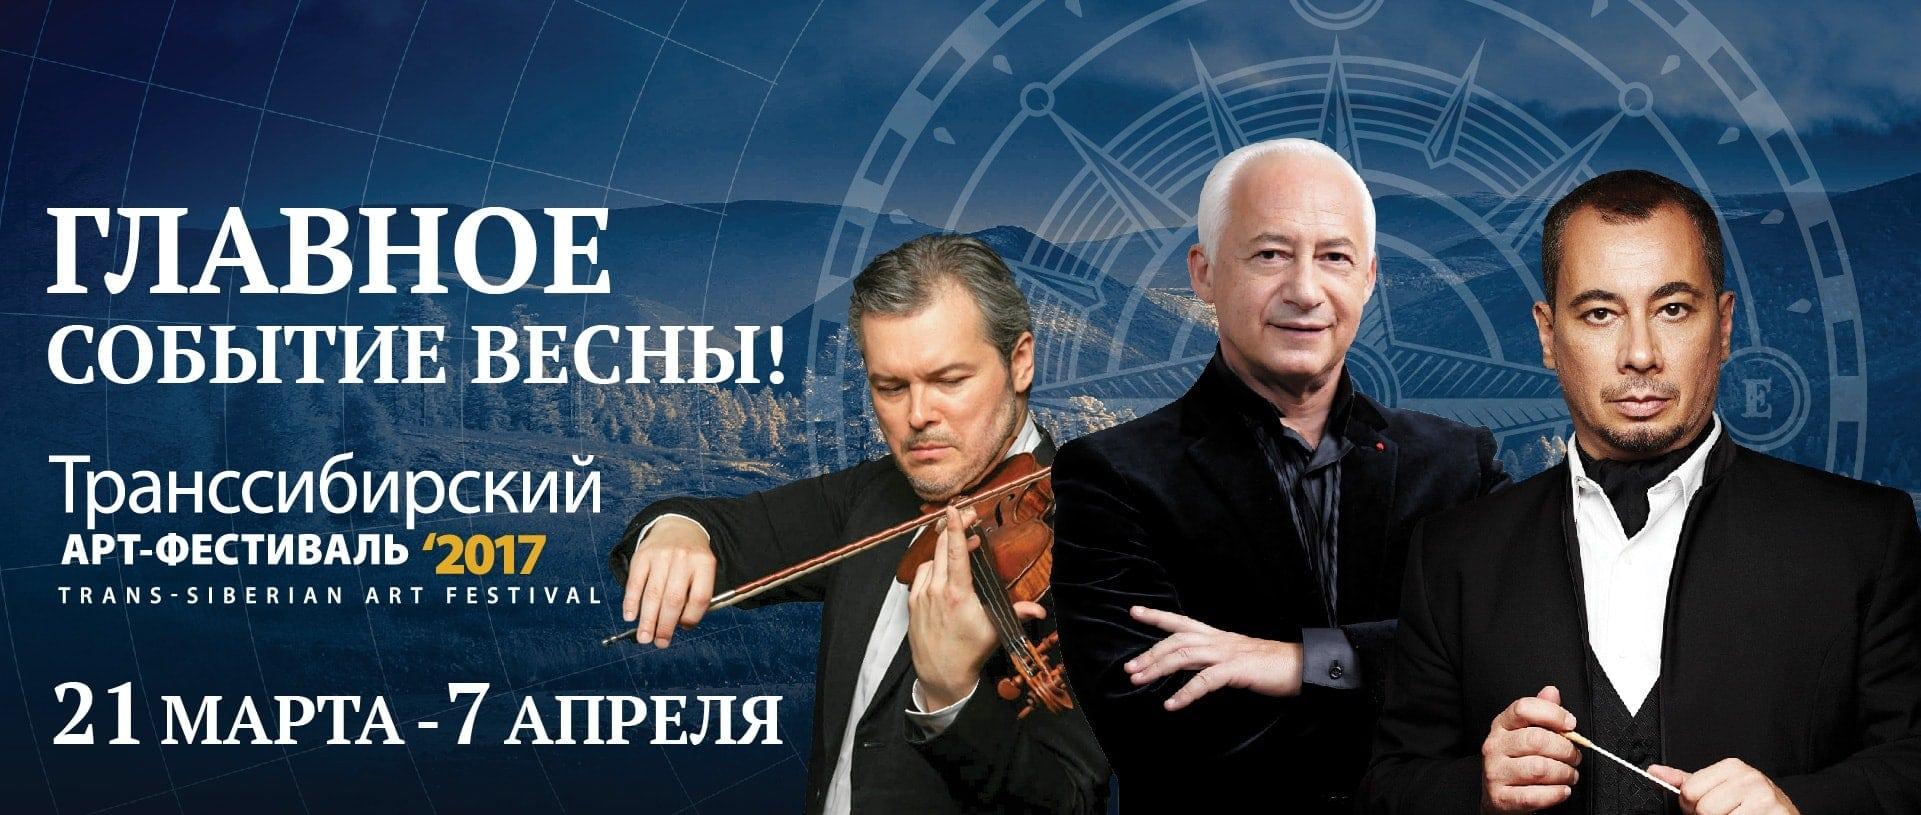 Мероприятия фестиваля пройдут в 16 залах 11 городов